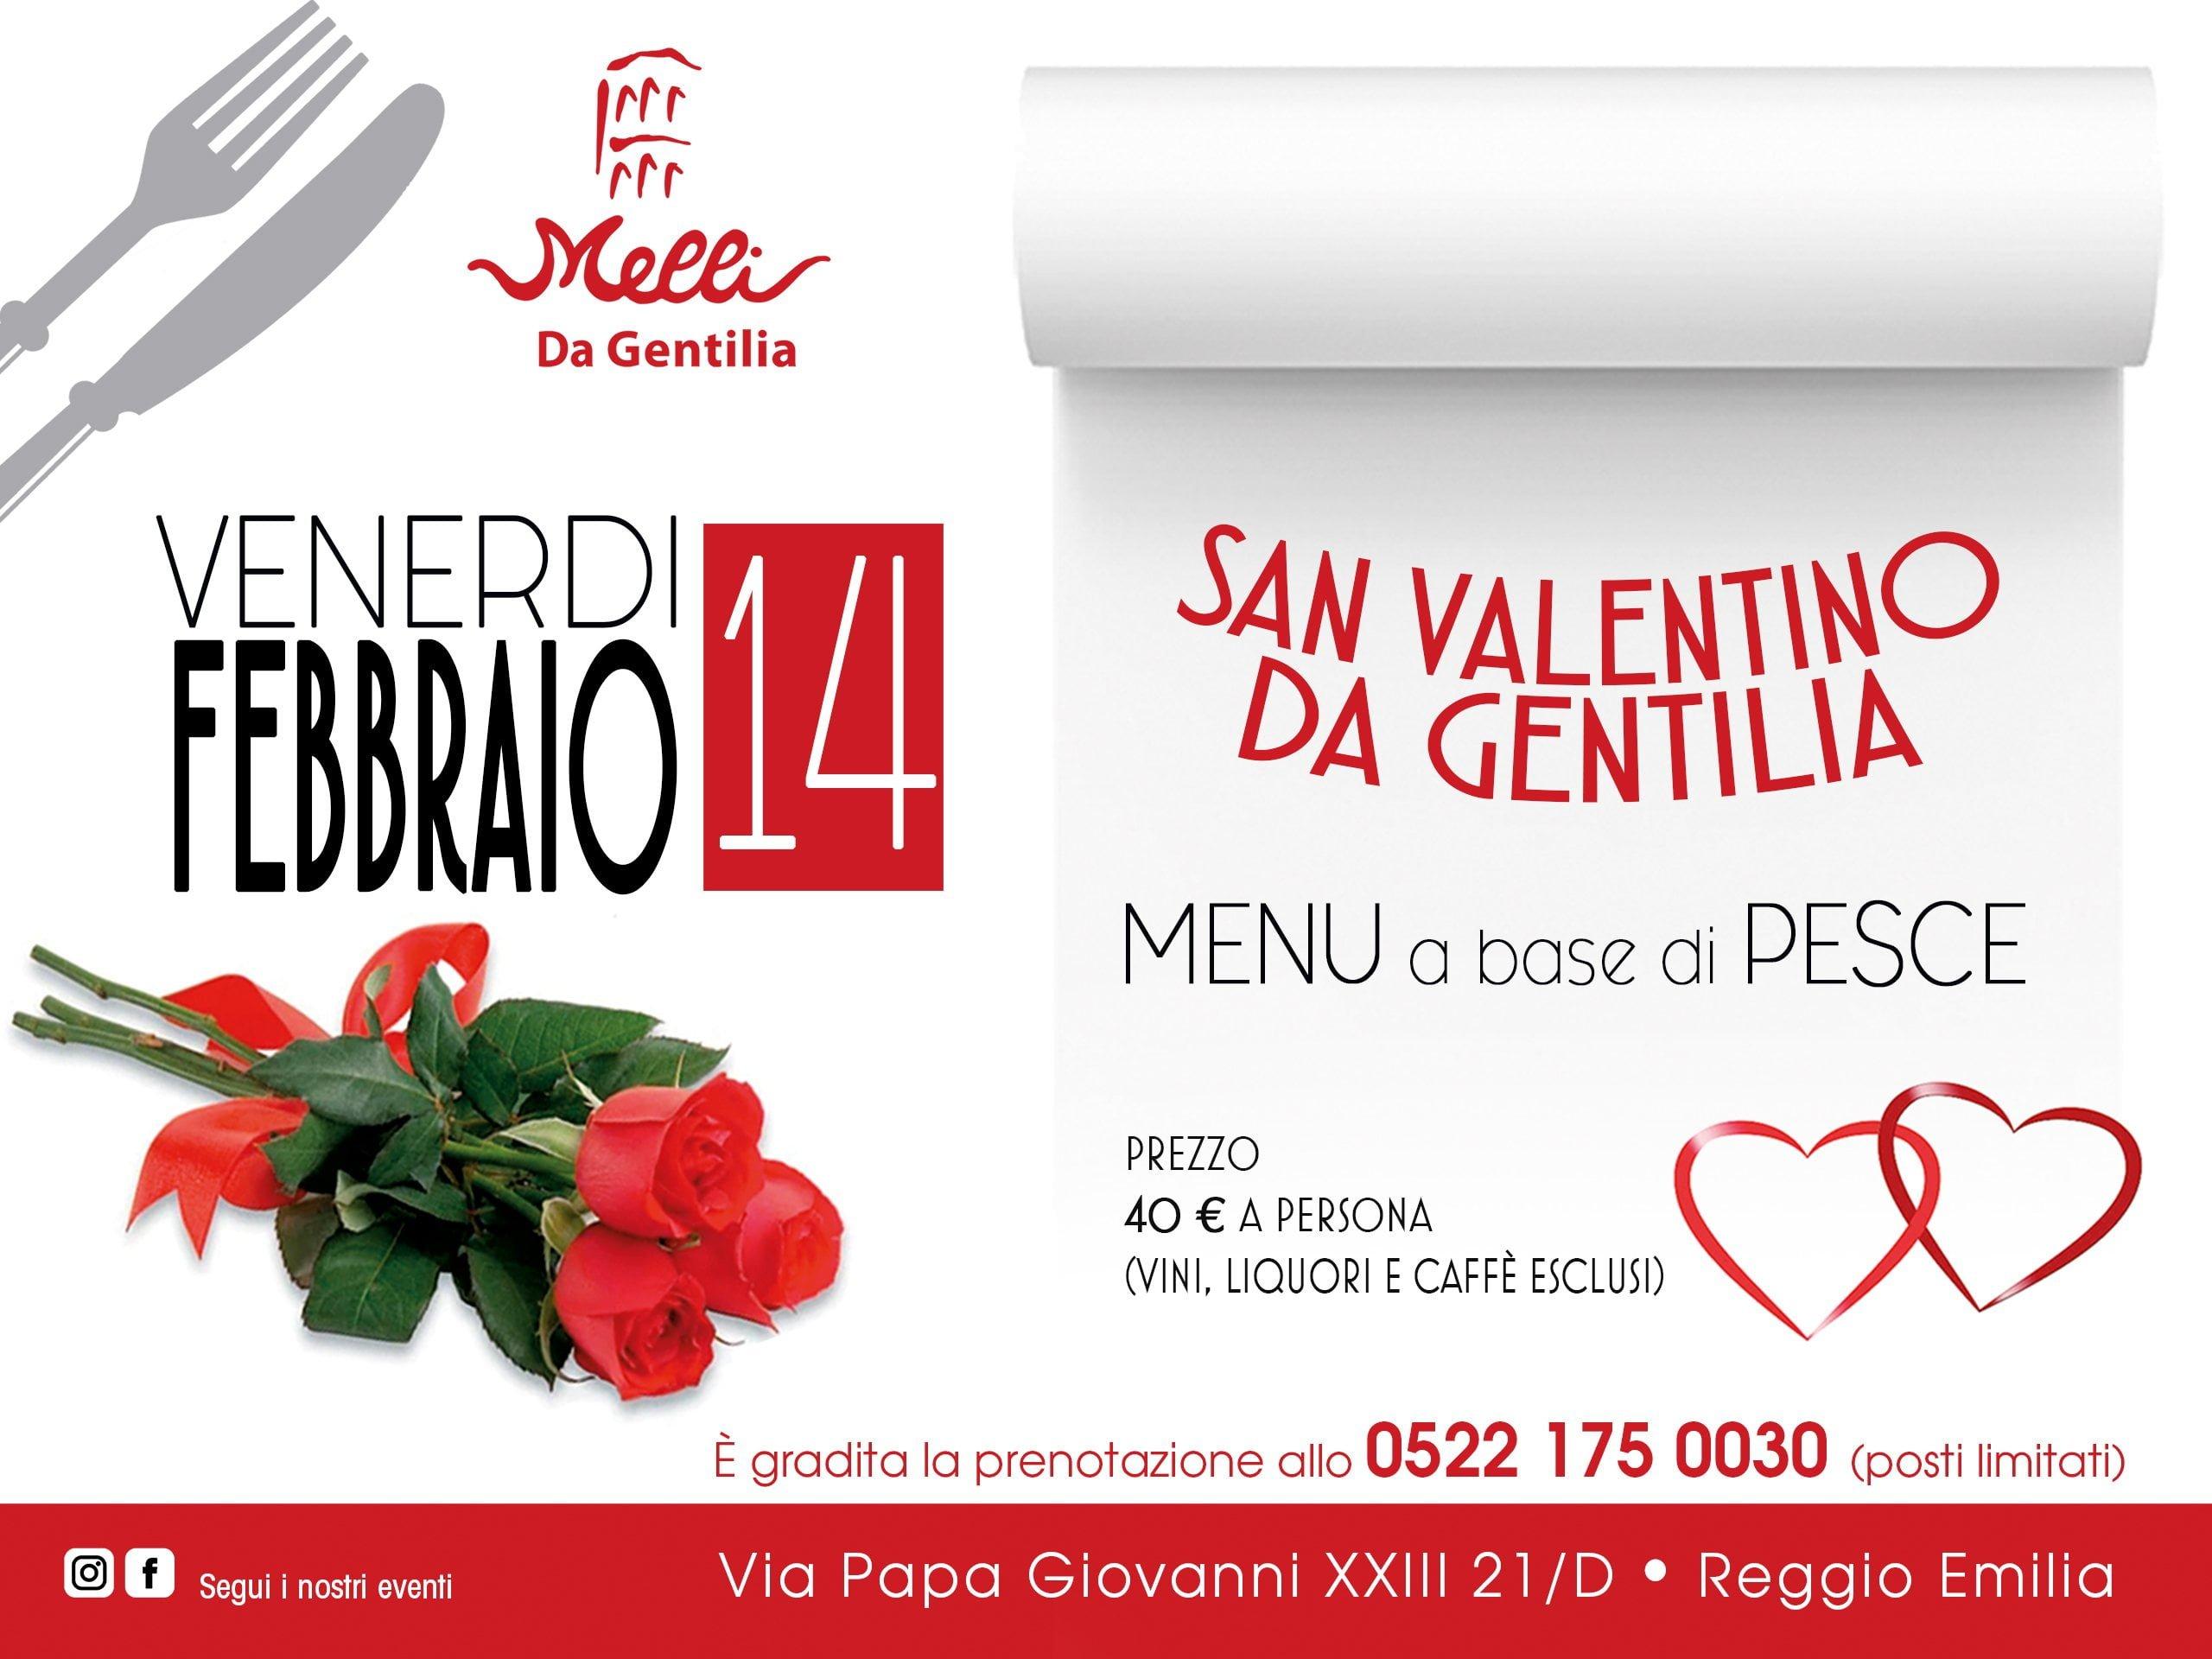 San Valentino Da Gentilia